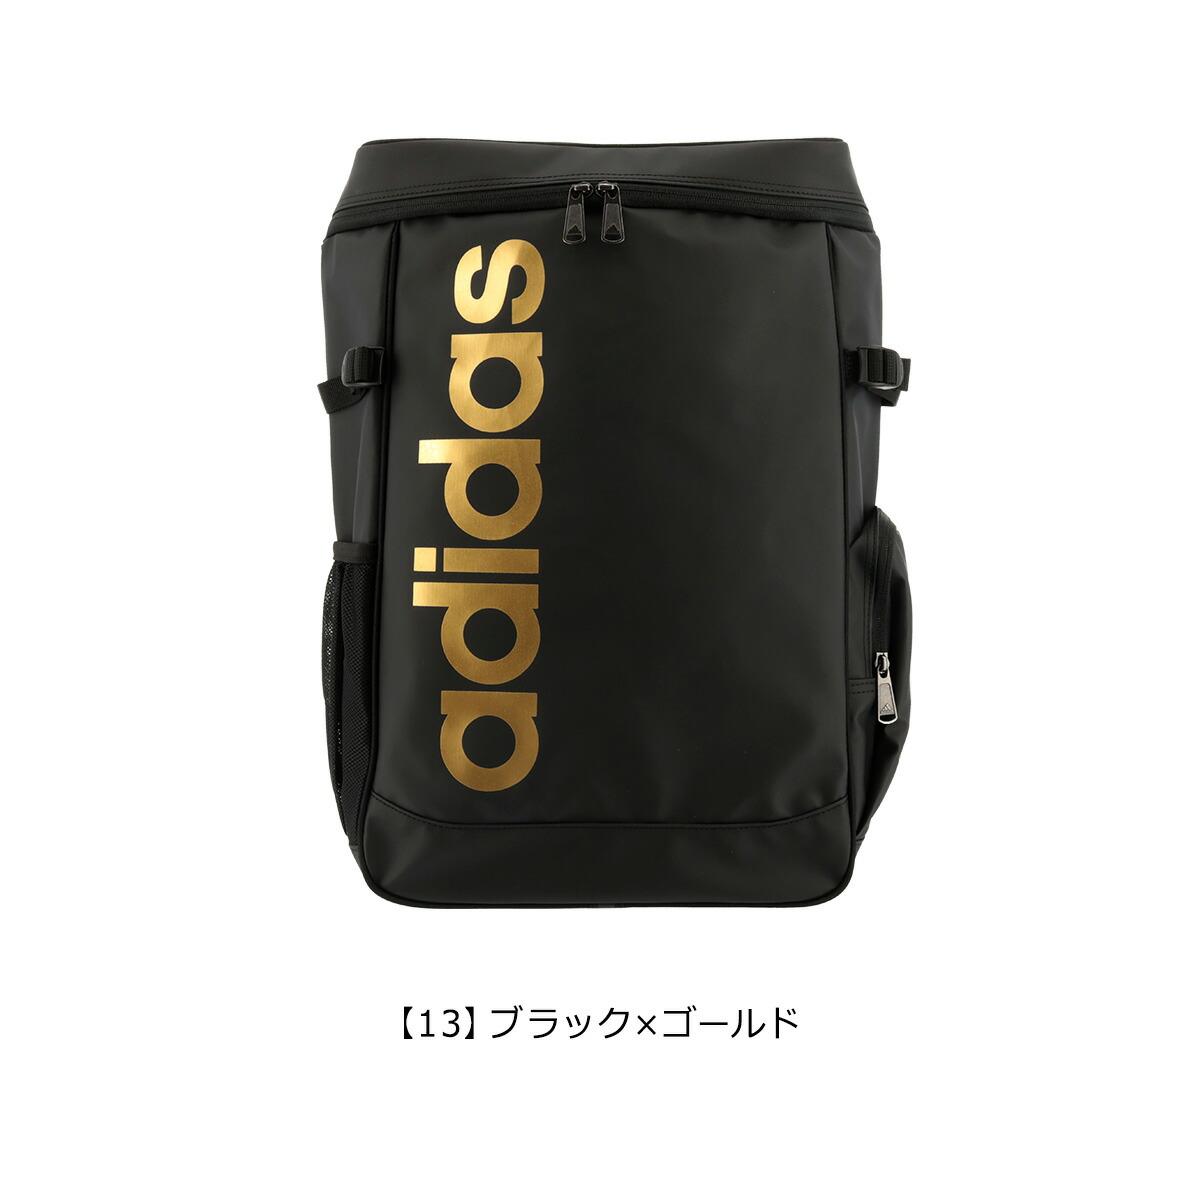 【13】ブラック×ゴールド